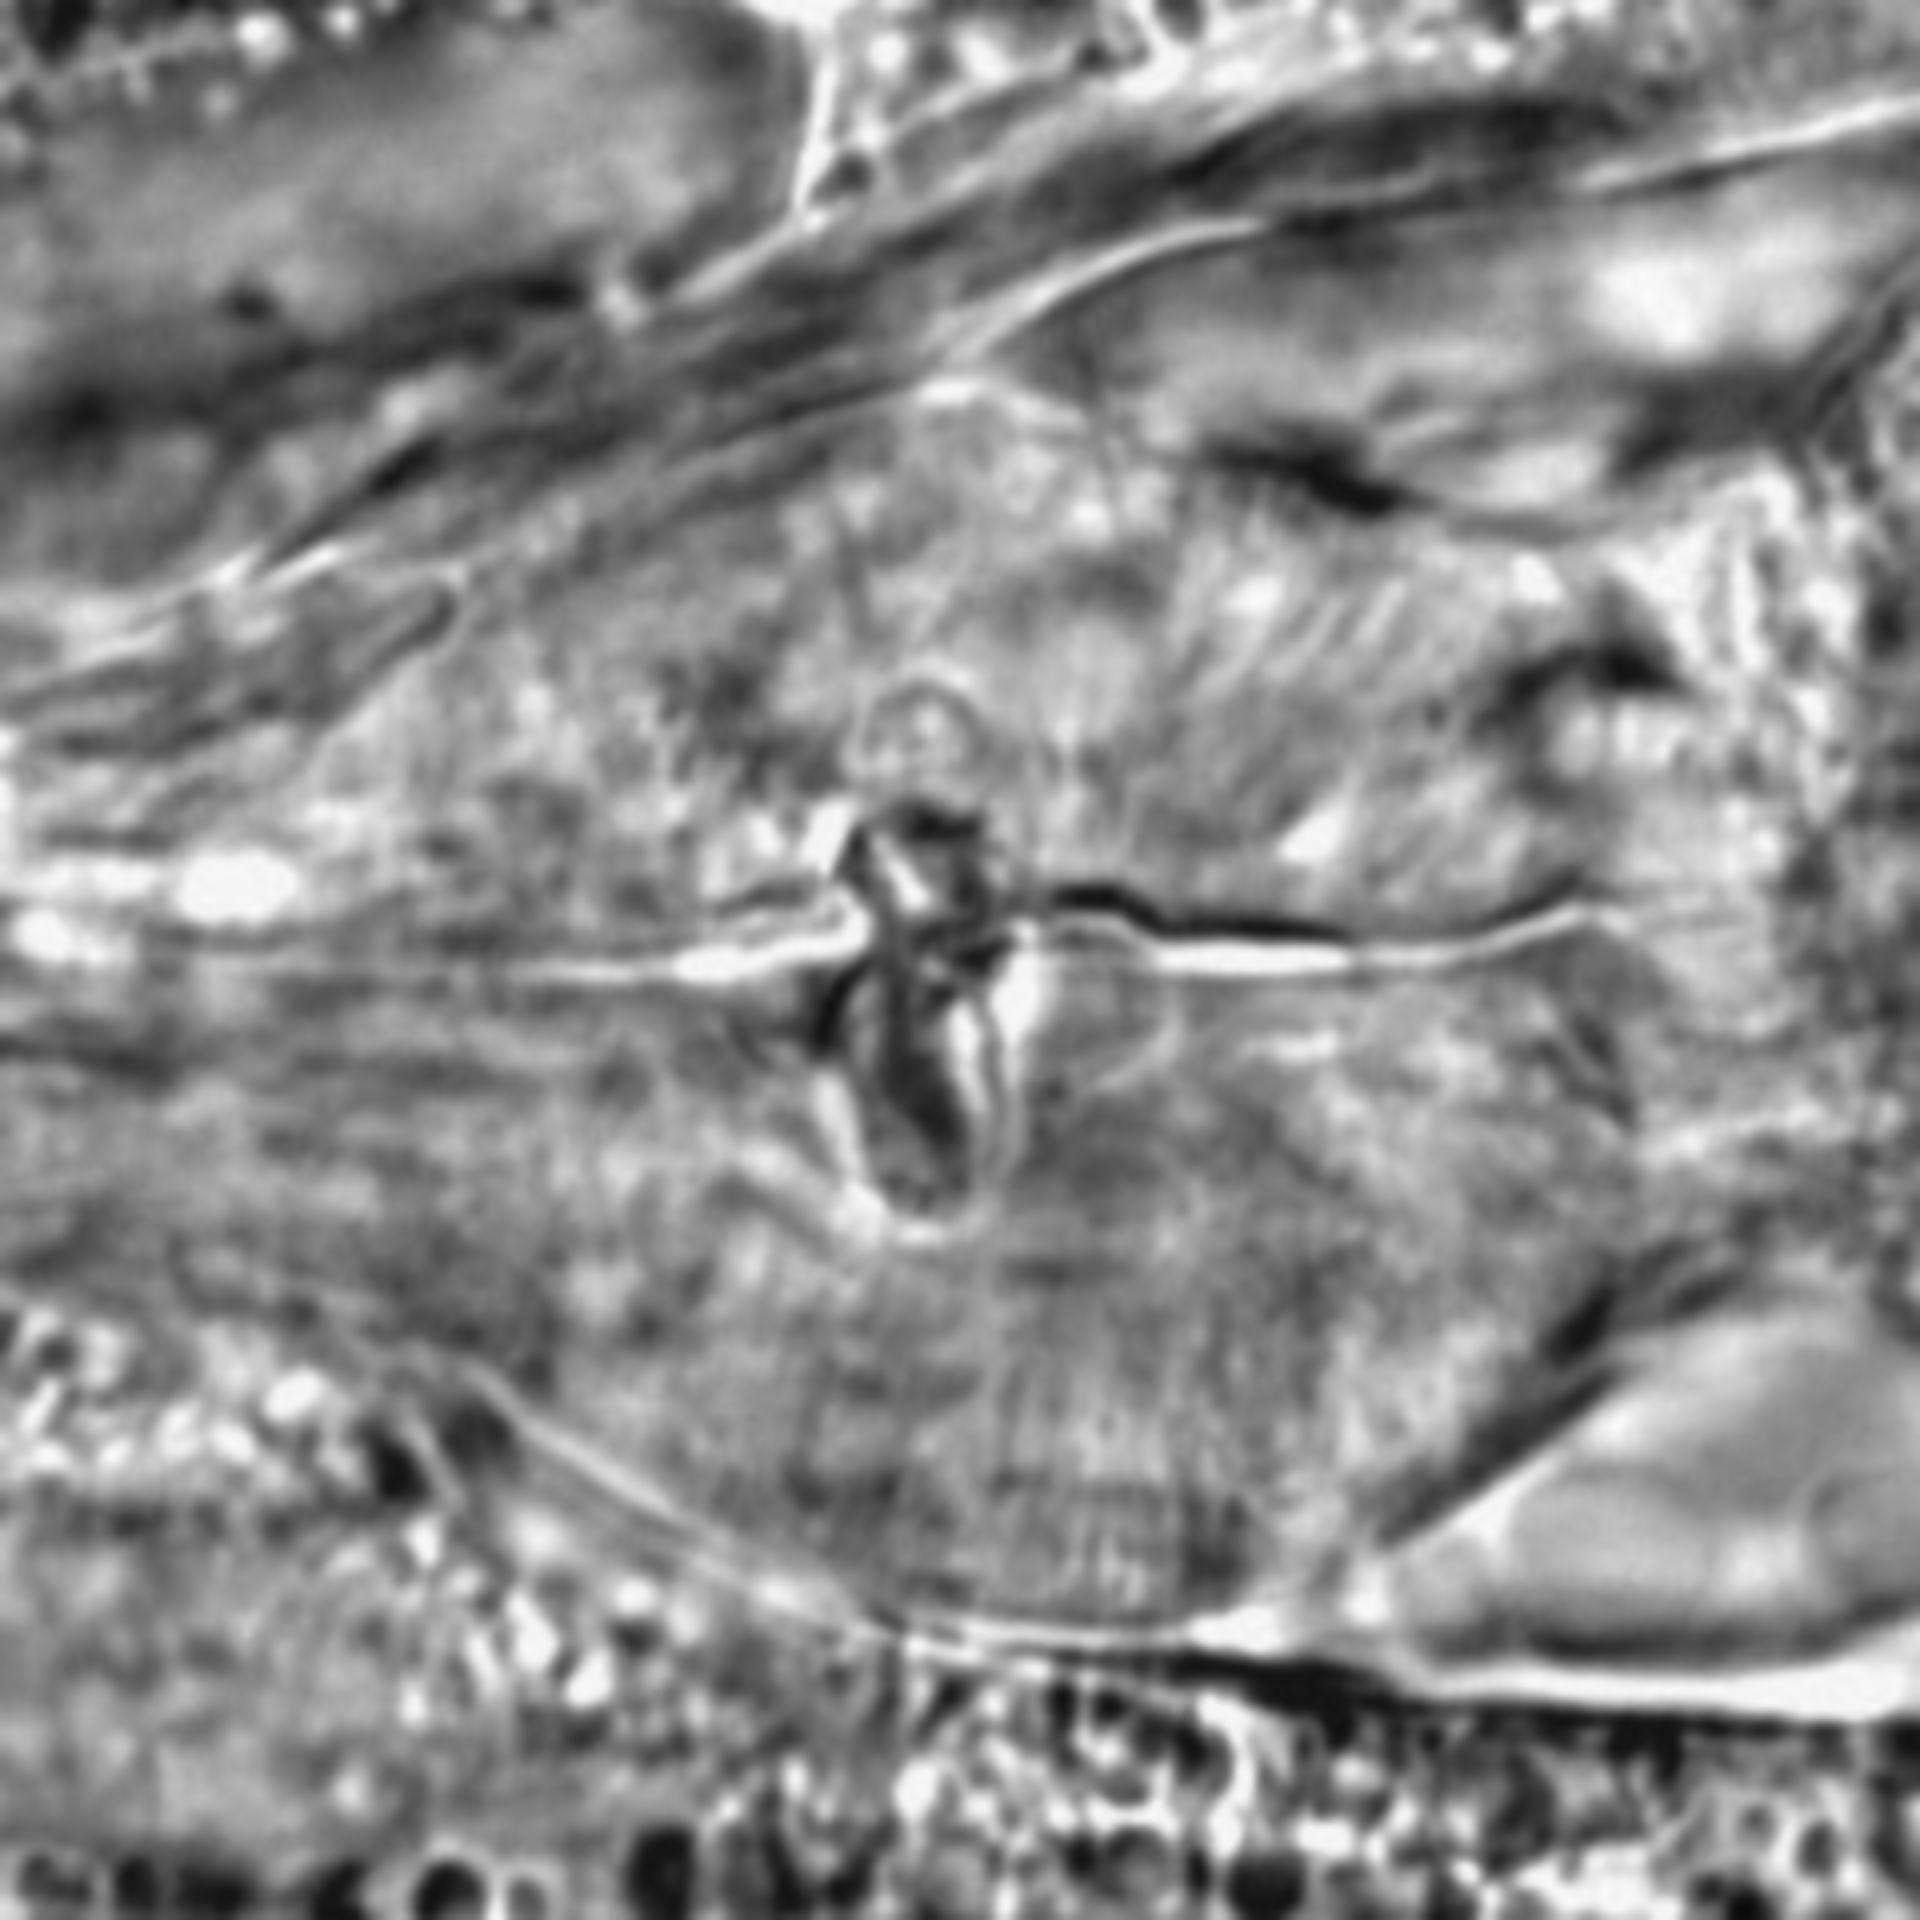 Caenorhabditis elegans - CIL:1785